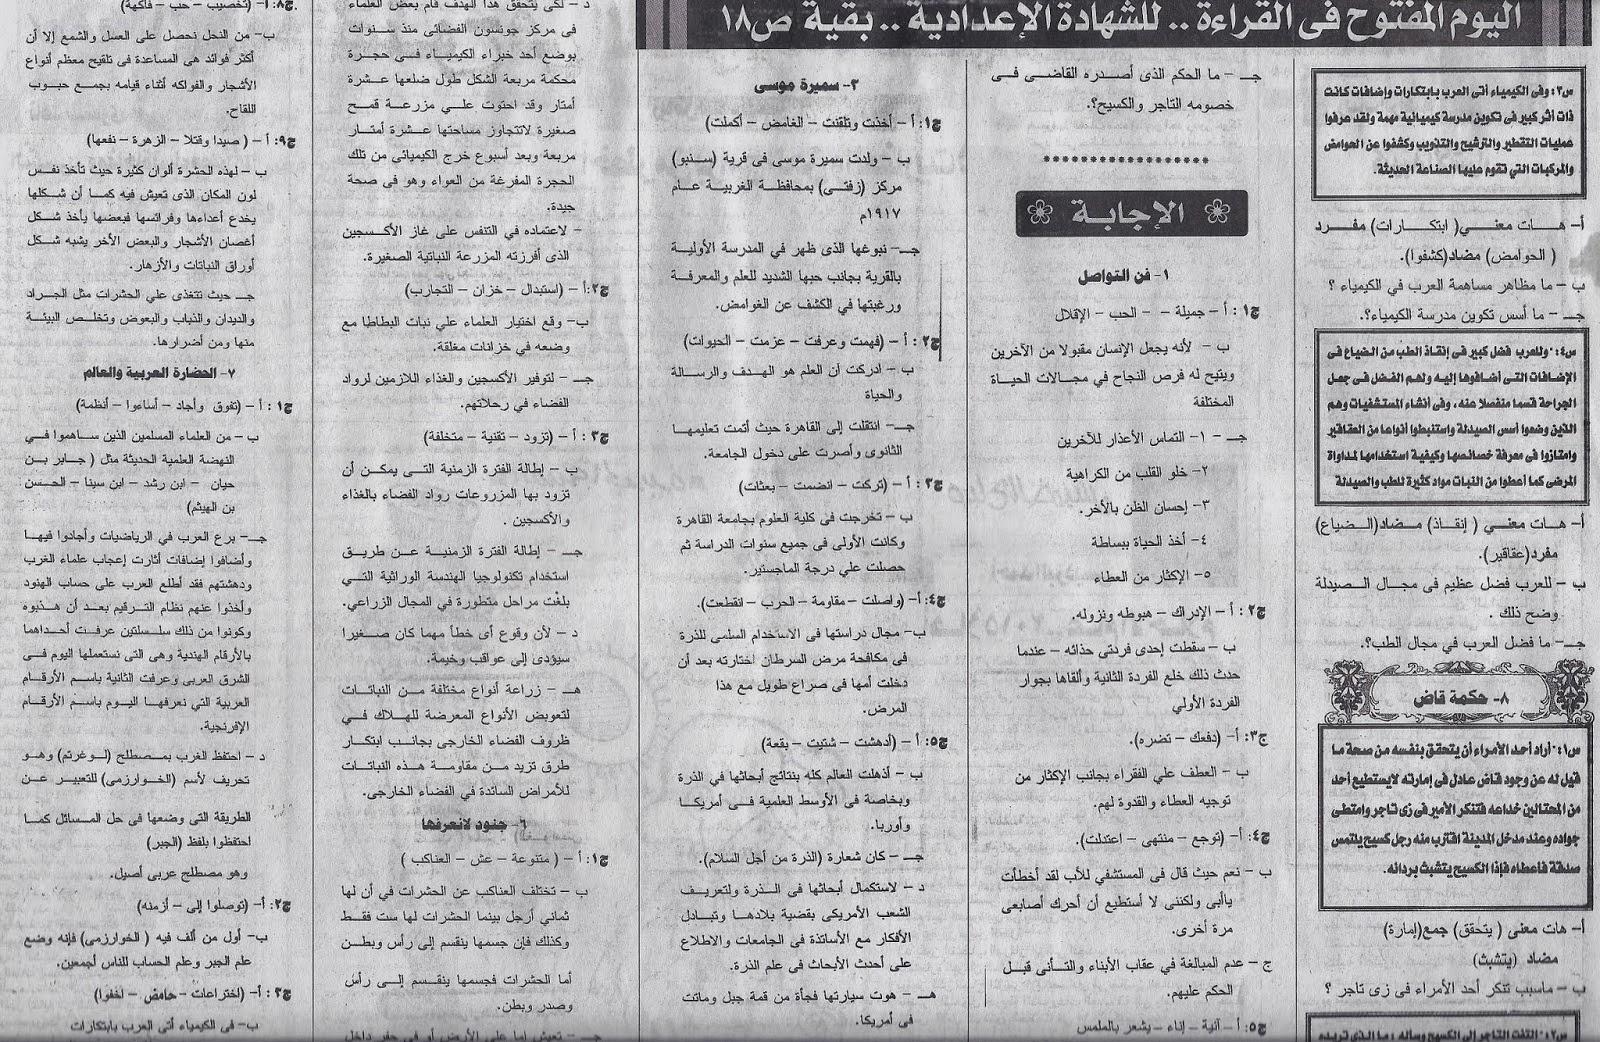 كل مراجعات ملاحق الجمهورية للترم الأول 2015 للشهادة الإبتدائية المنهاج المصري scan0064.jpg